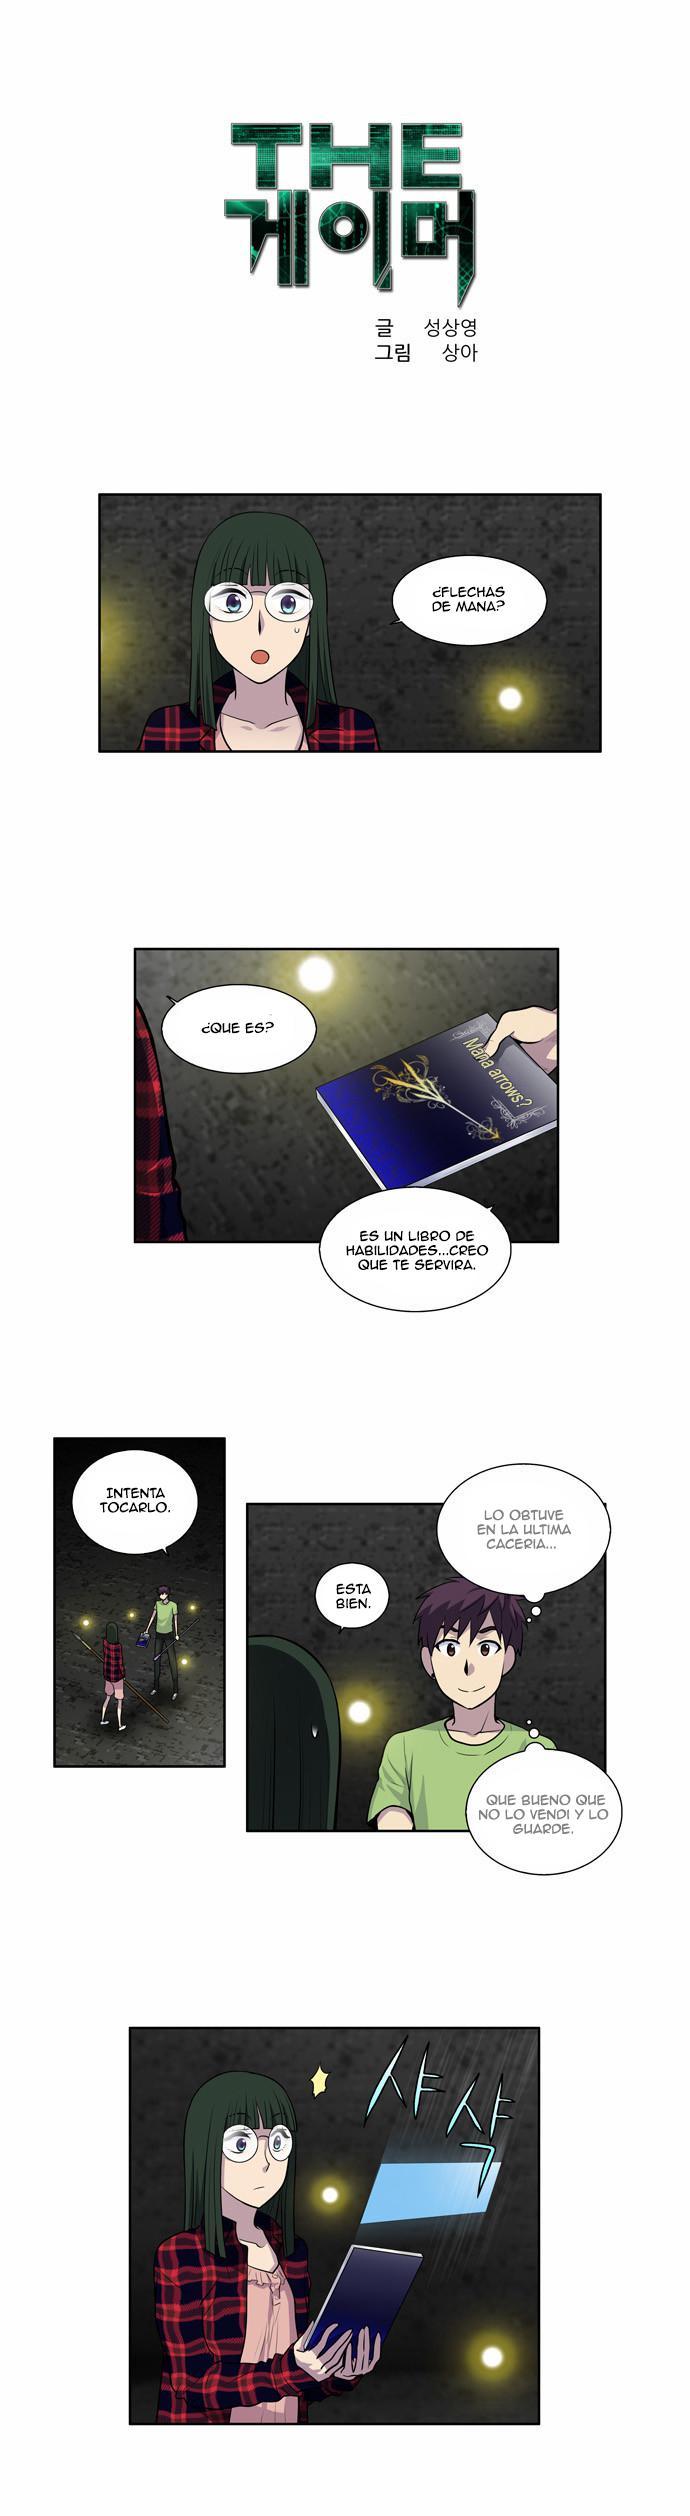 http://c5.ninemanga.com/es_manga/61/1725/423523/9ca8737b742f20b6b703e1468de5ba7e.jpg Page 3